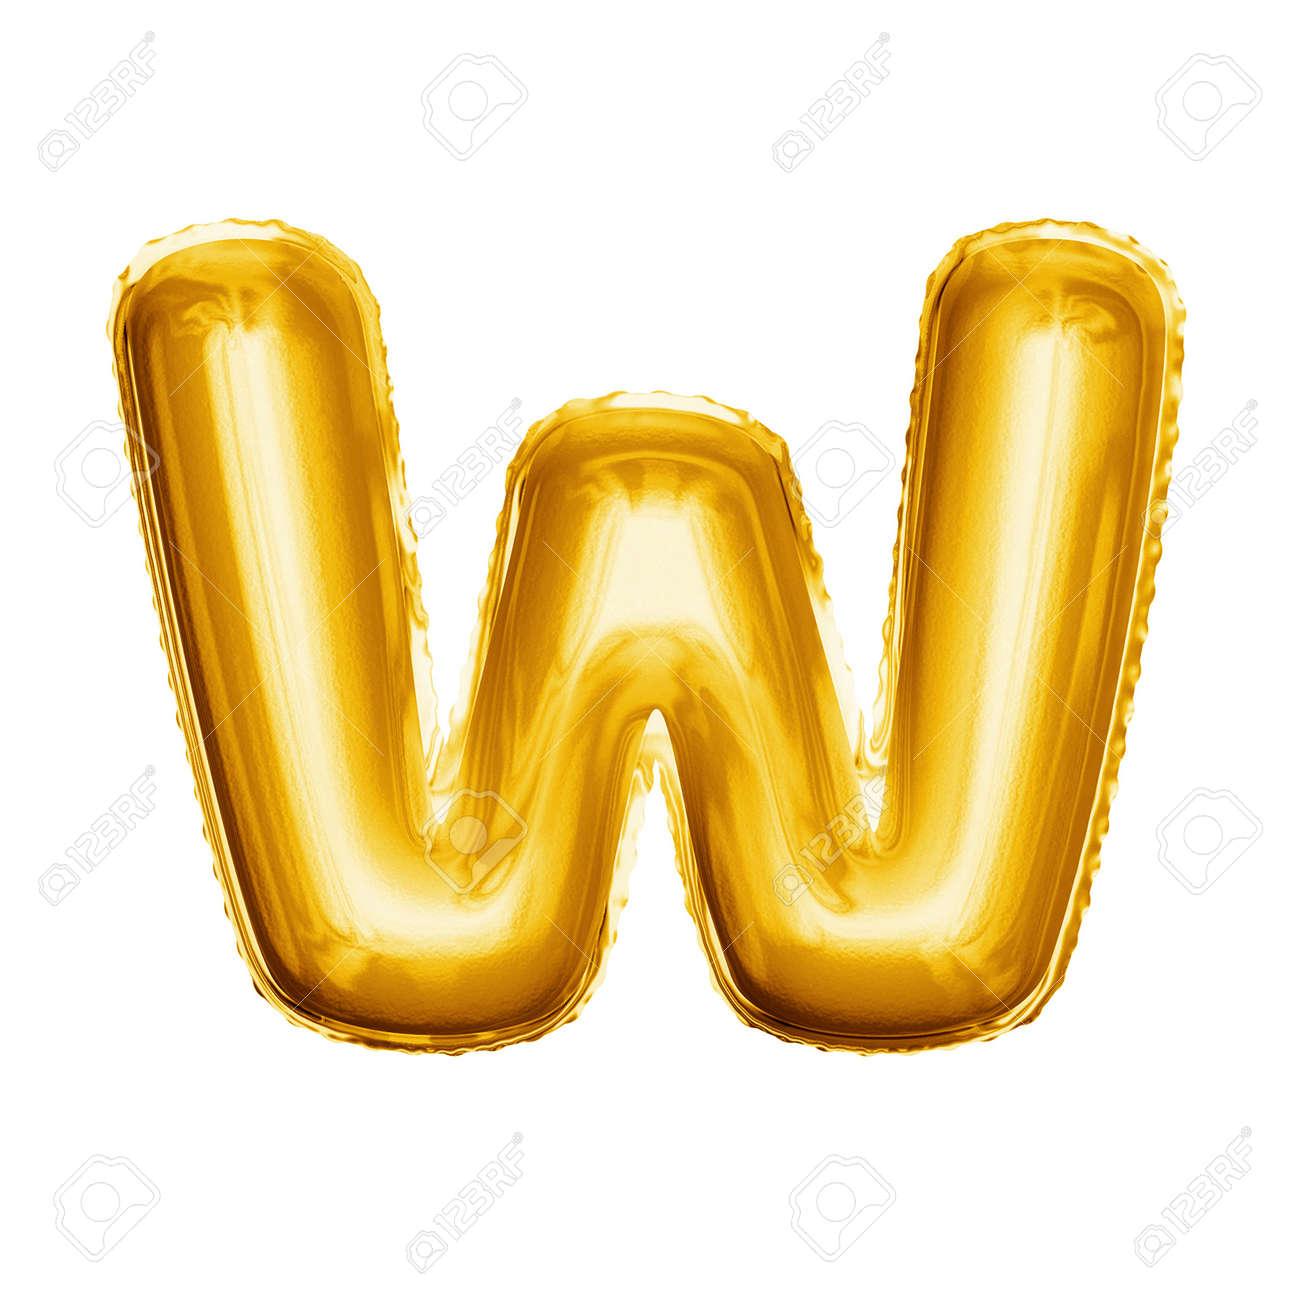 Abc Verjaardag.Ballonletter W Realistische 3d Geisoleerde Gouden Helium Ballon Abc Alfabet Gouden Lettertype Tekst Decoratie Element Voor Verjaardag Of Bruiloft